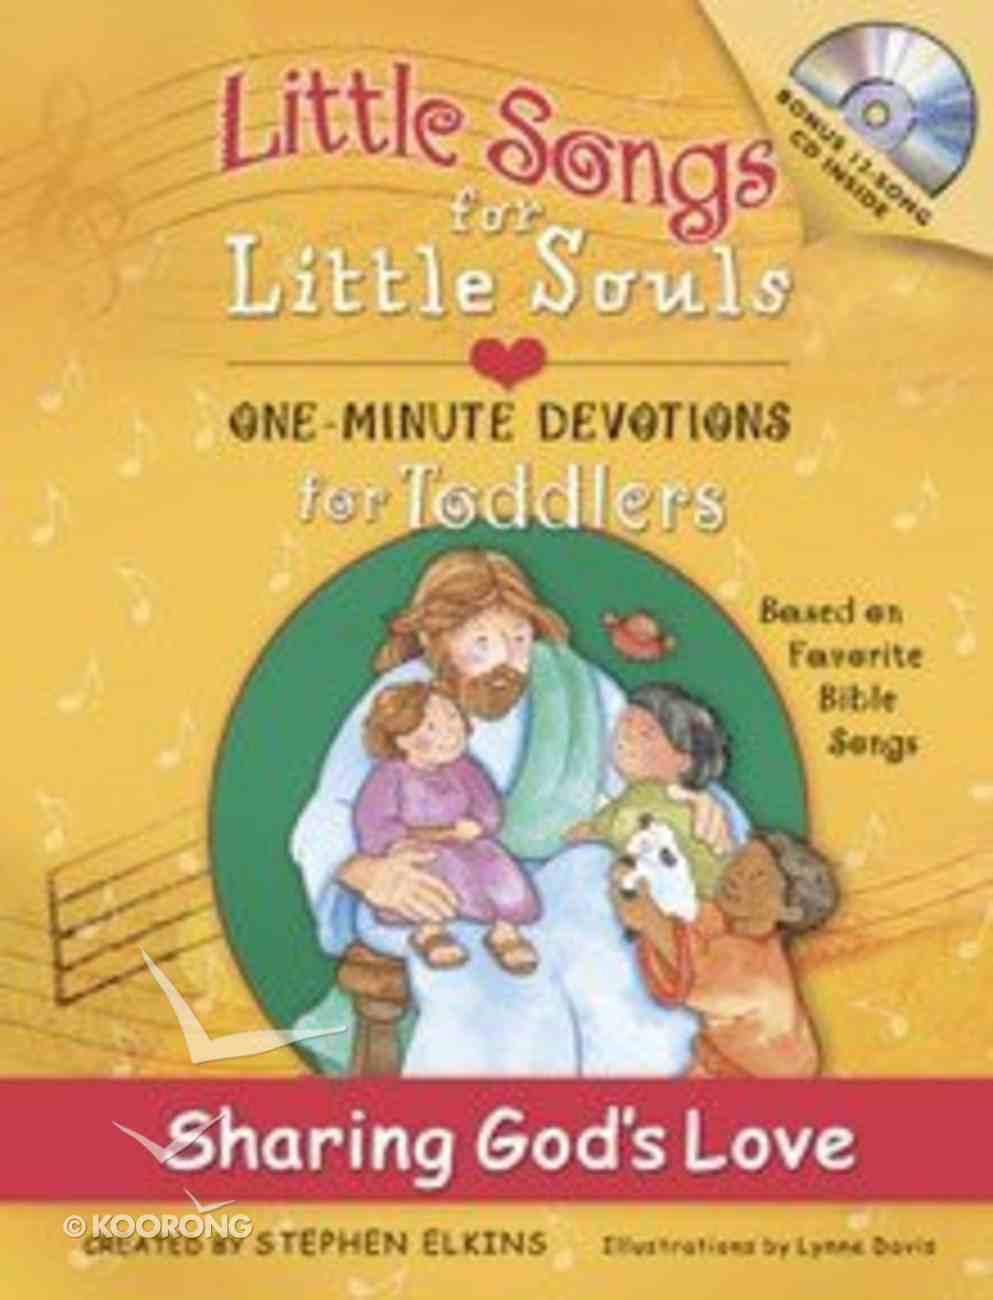 Sharing God's Love (Little Songs For Little Souls Series) Hardback